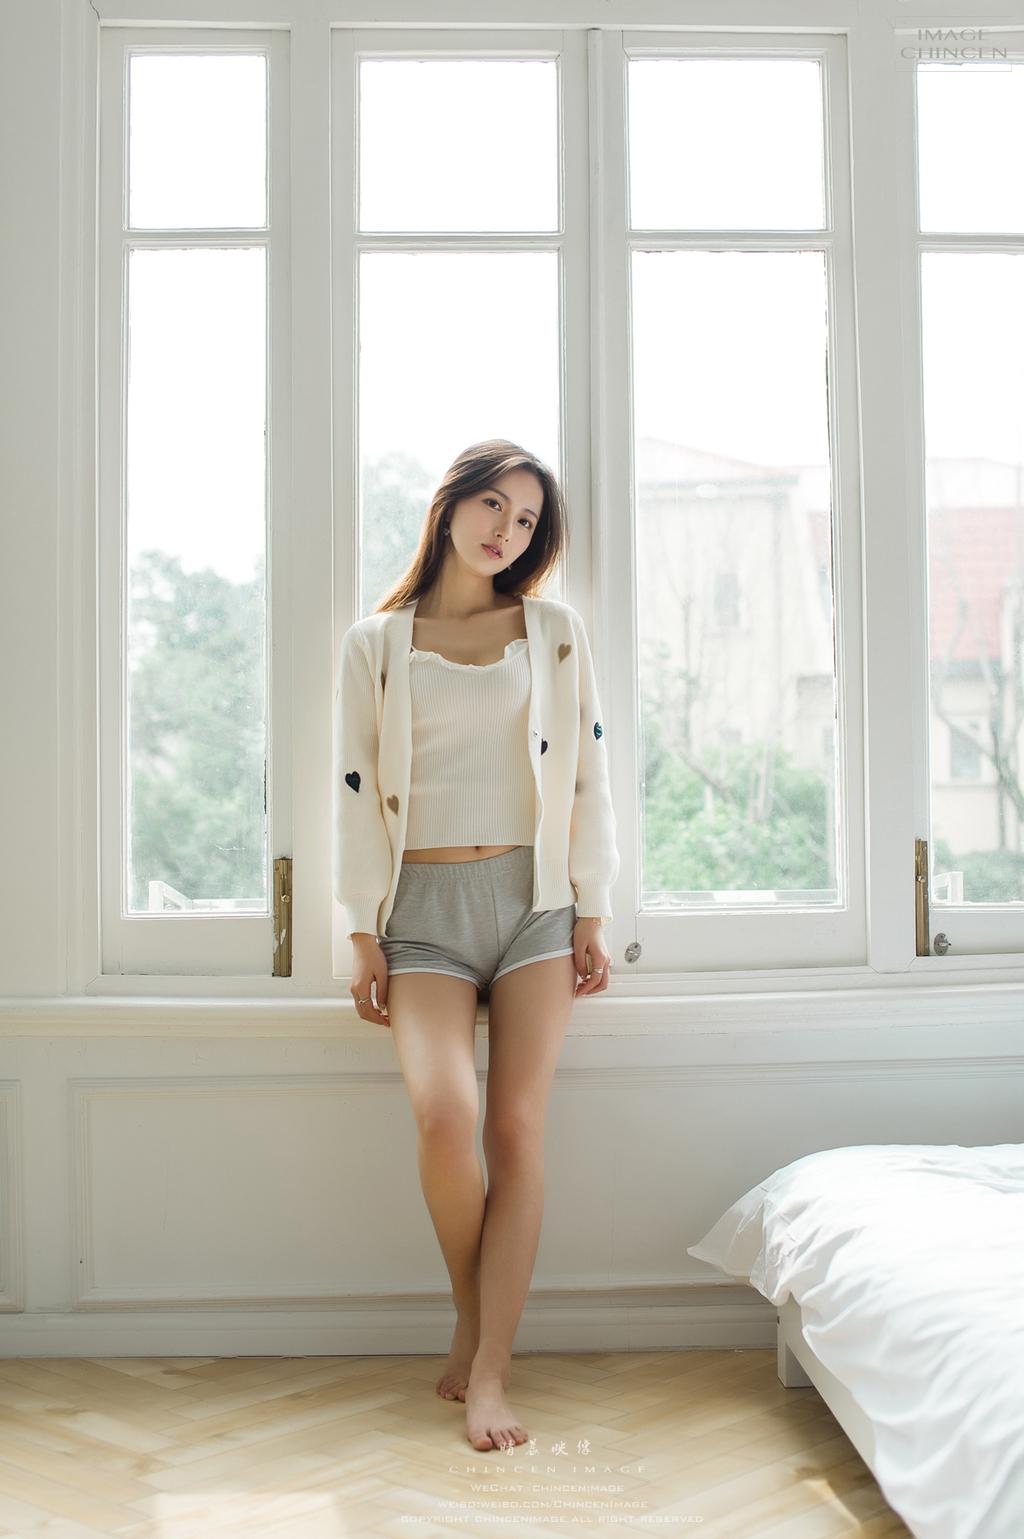 4BEB-052黑色蕾丝连体超短性感美女废墟写真